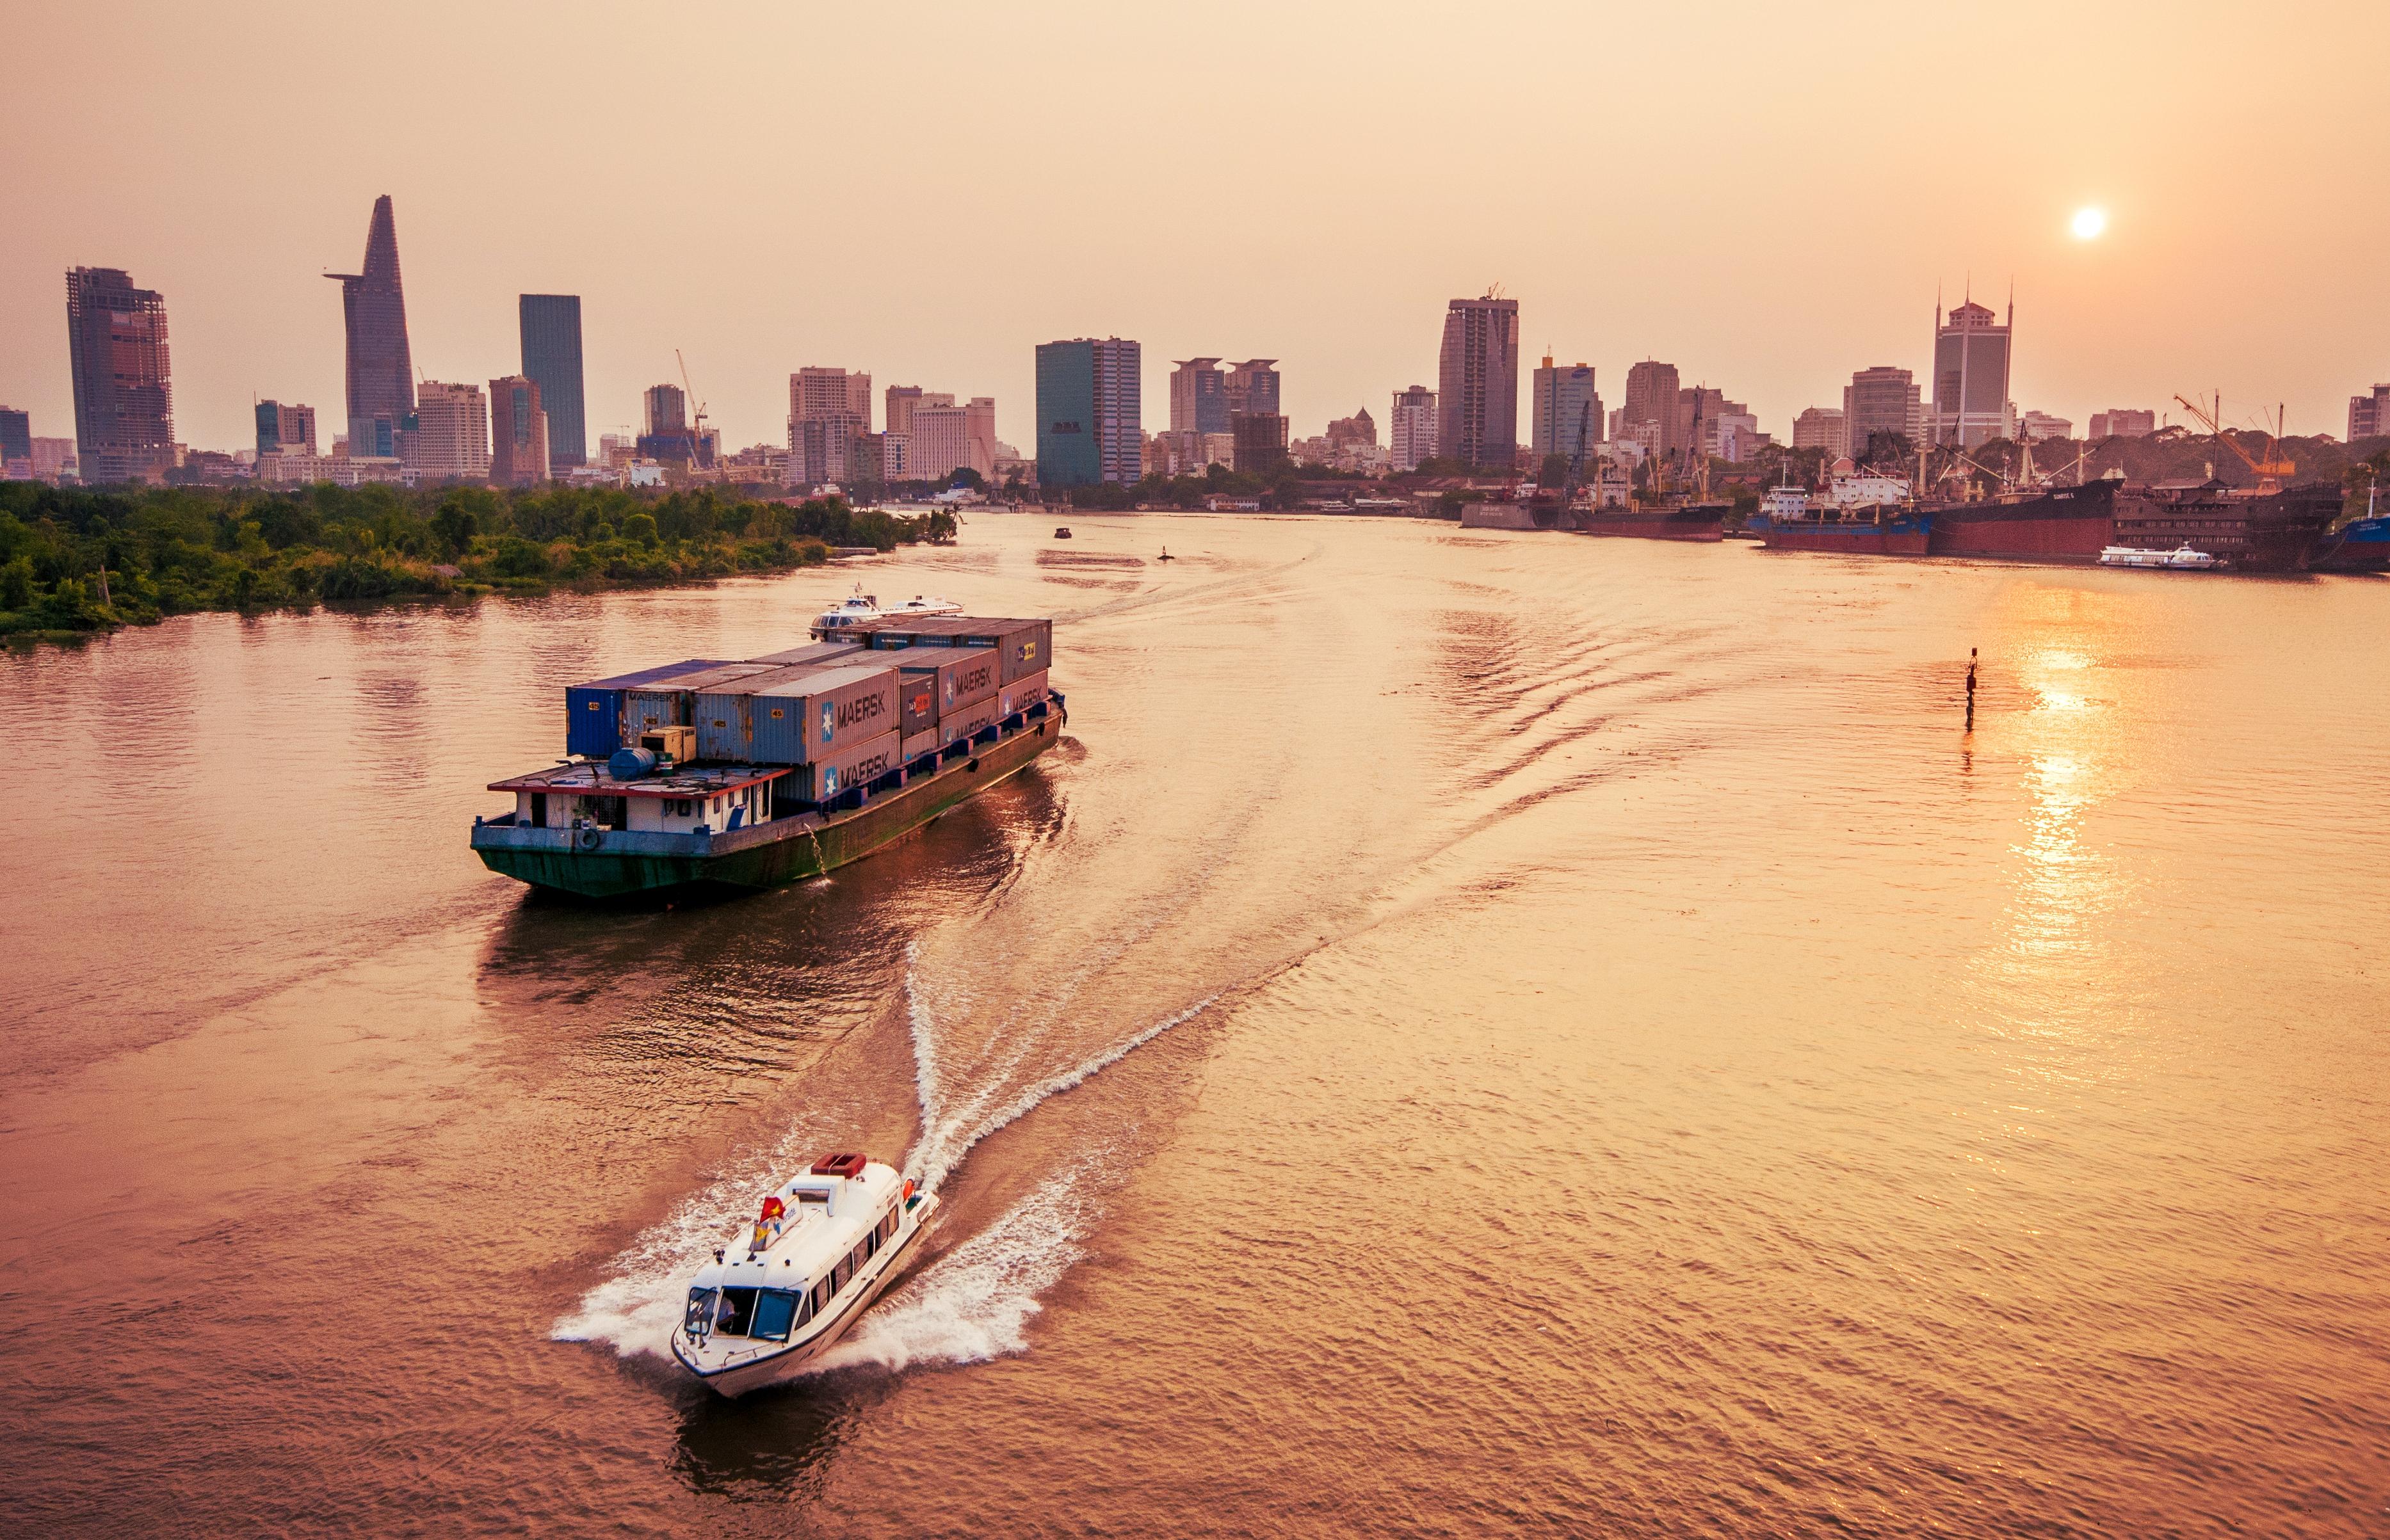 Kinh doanh vận tải đường thủy nội địa bao gồm các hình thức nào?